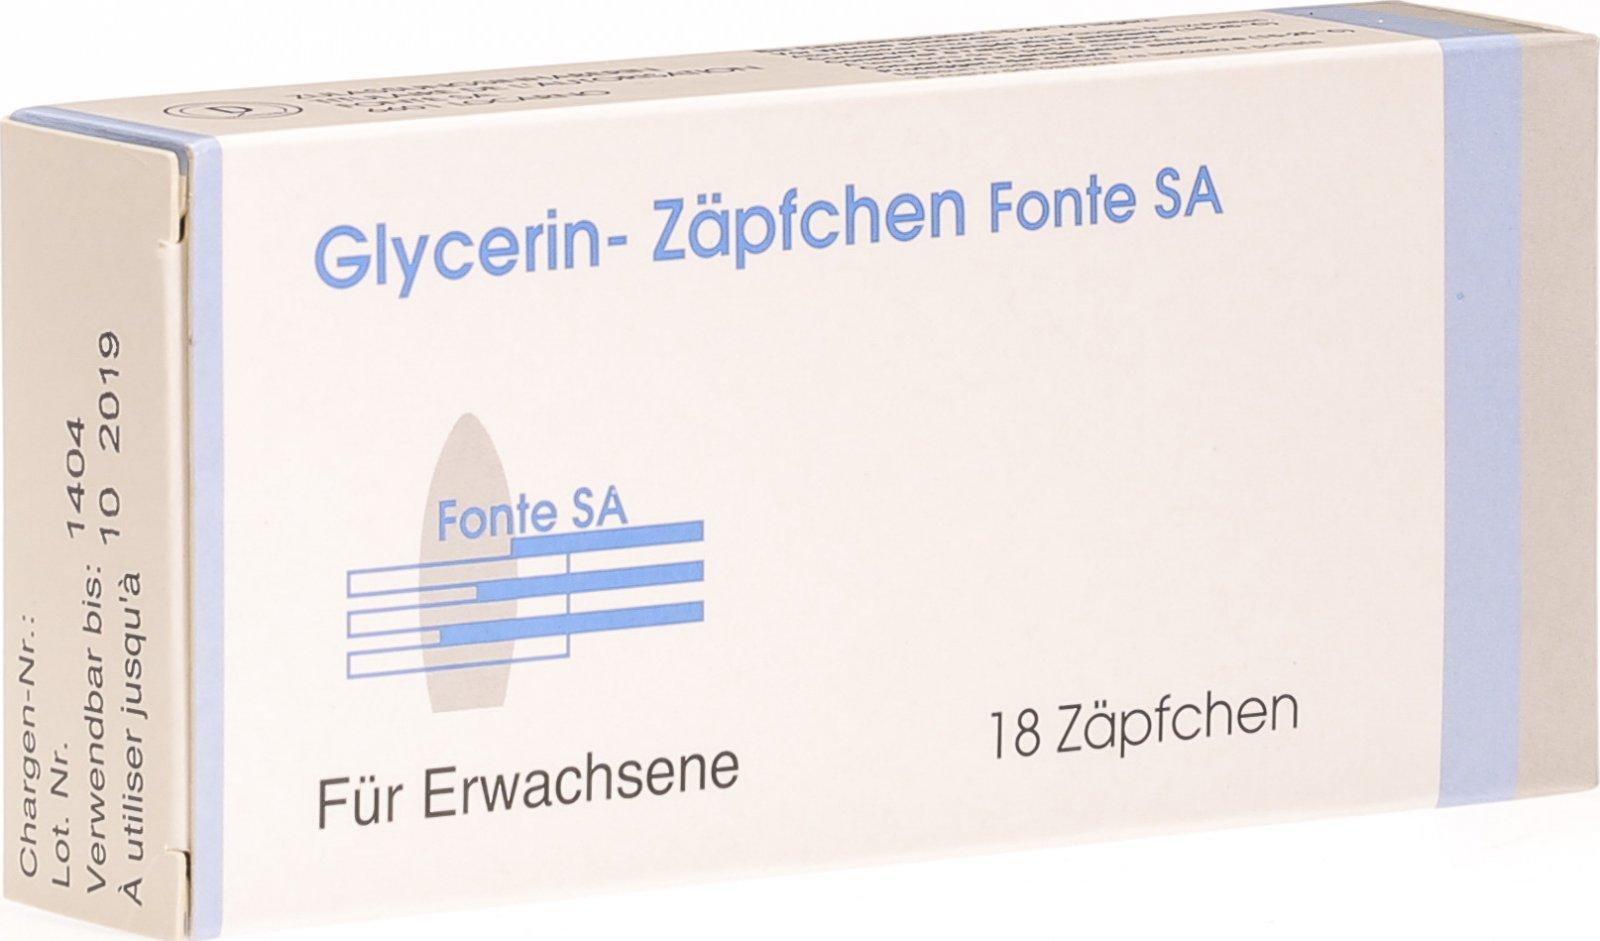 Glycerinzäpfchen Fonte für Erwachsene 18 Stück in der